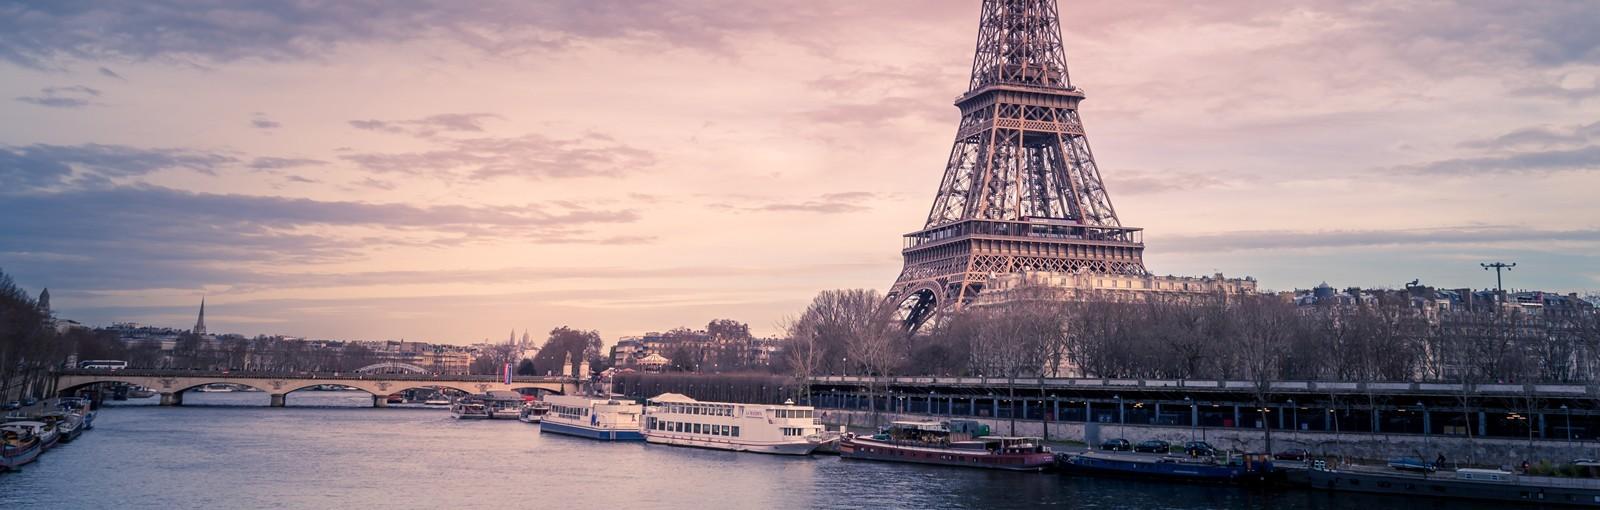 Tours 巴黎豪华套餐游 5天4夜 - 巴黎游套餐 - 巴黎游